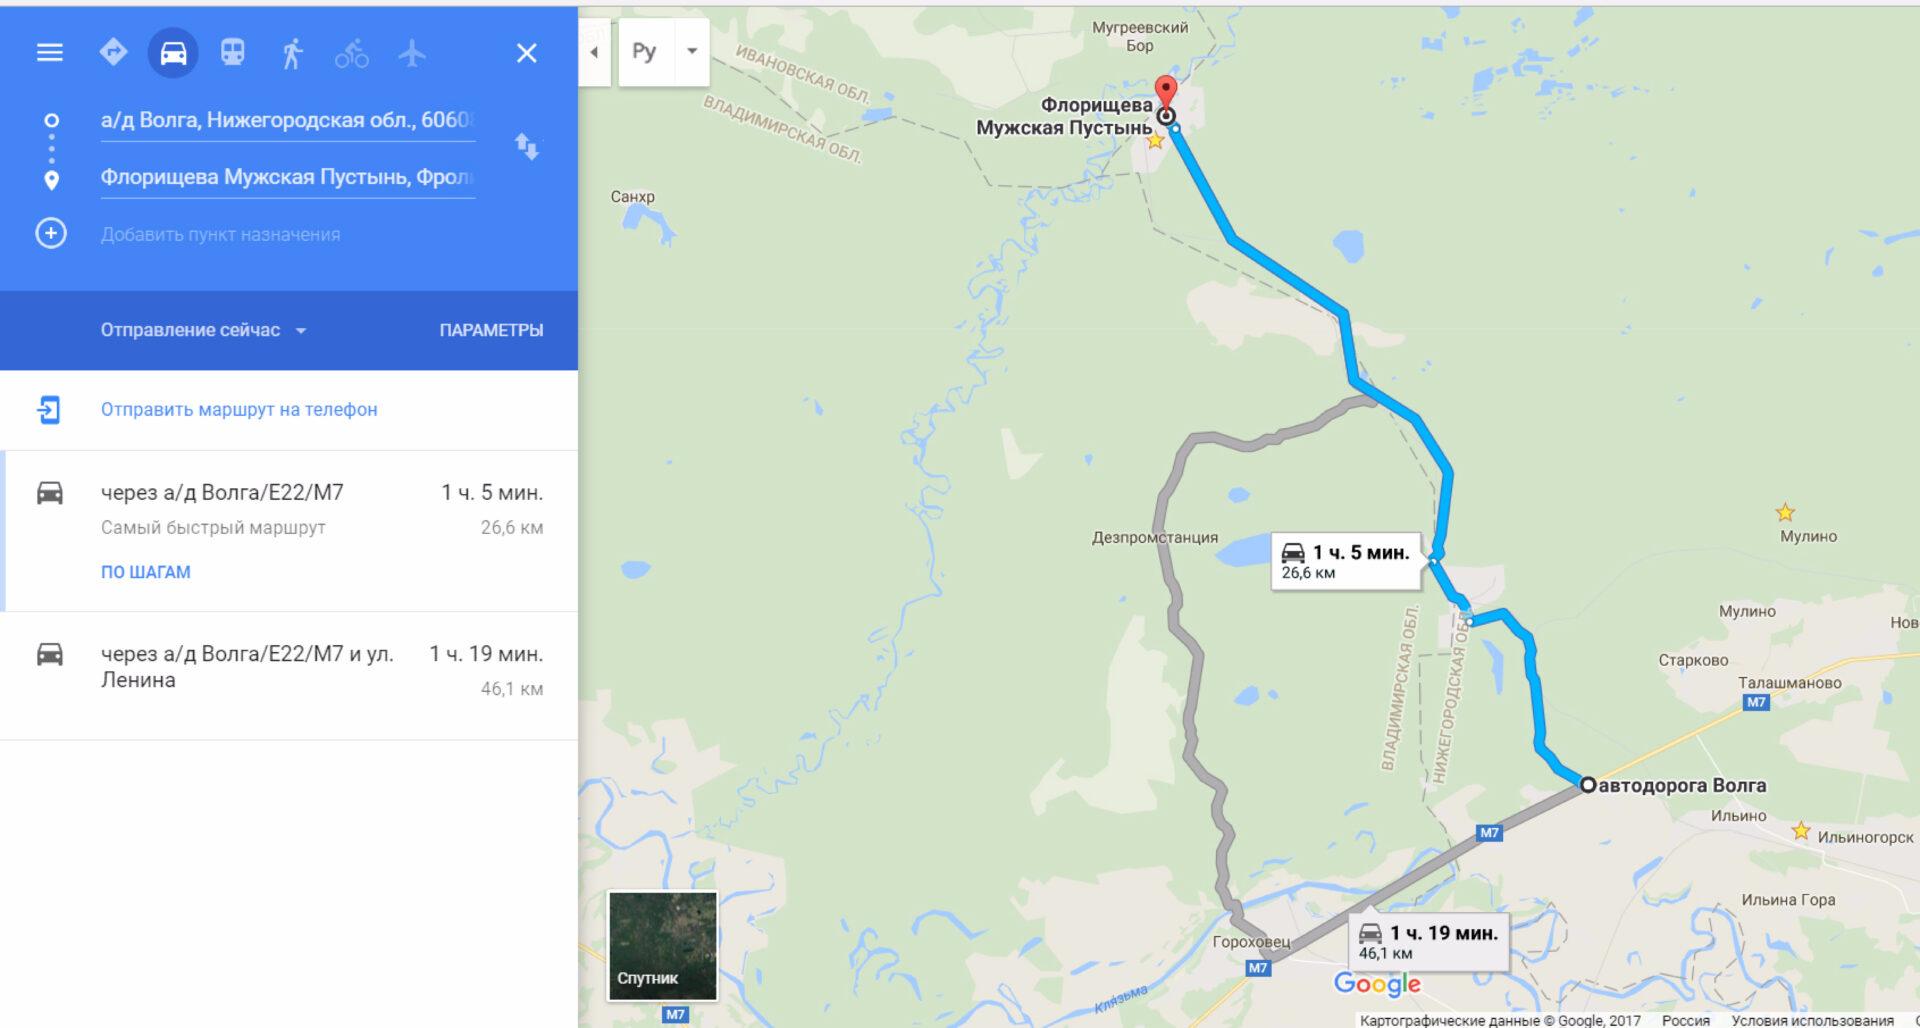 Межрегиональная НЕДОДОРОГА иГОС-ТЁБЫ вНижегородской области